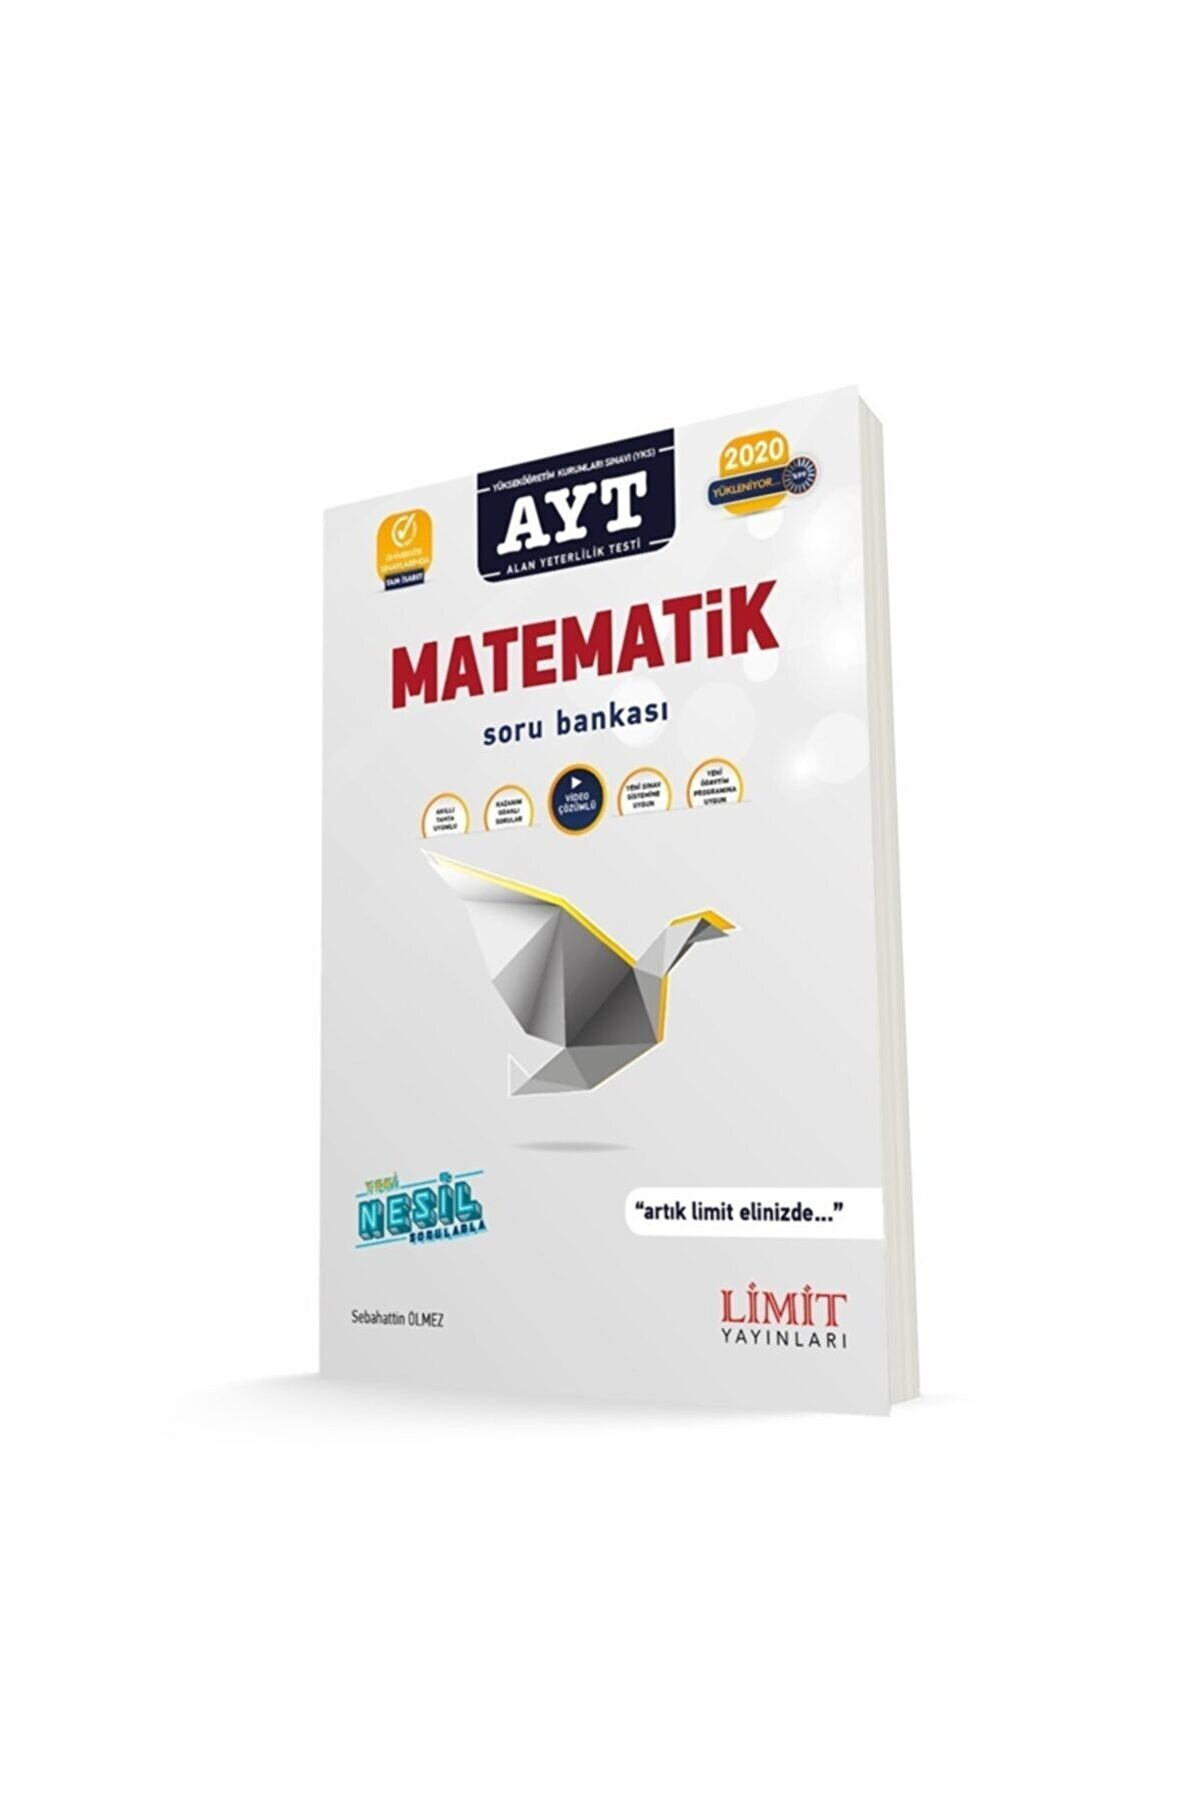 Limit Yayınları Ayt Matematik Soru Bankası 2020